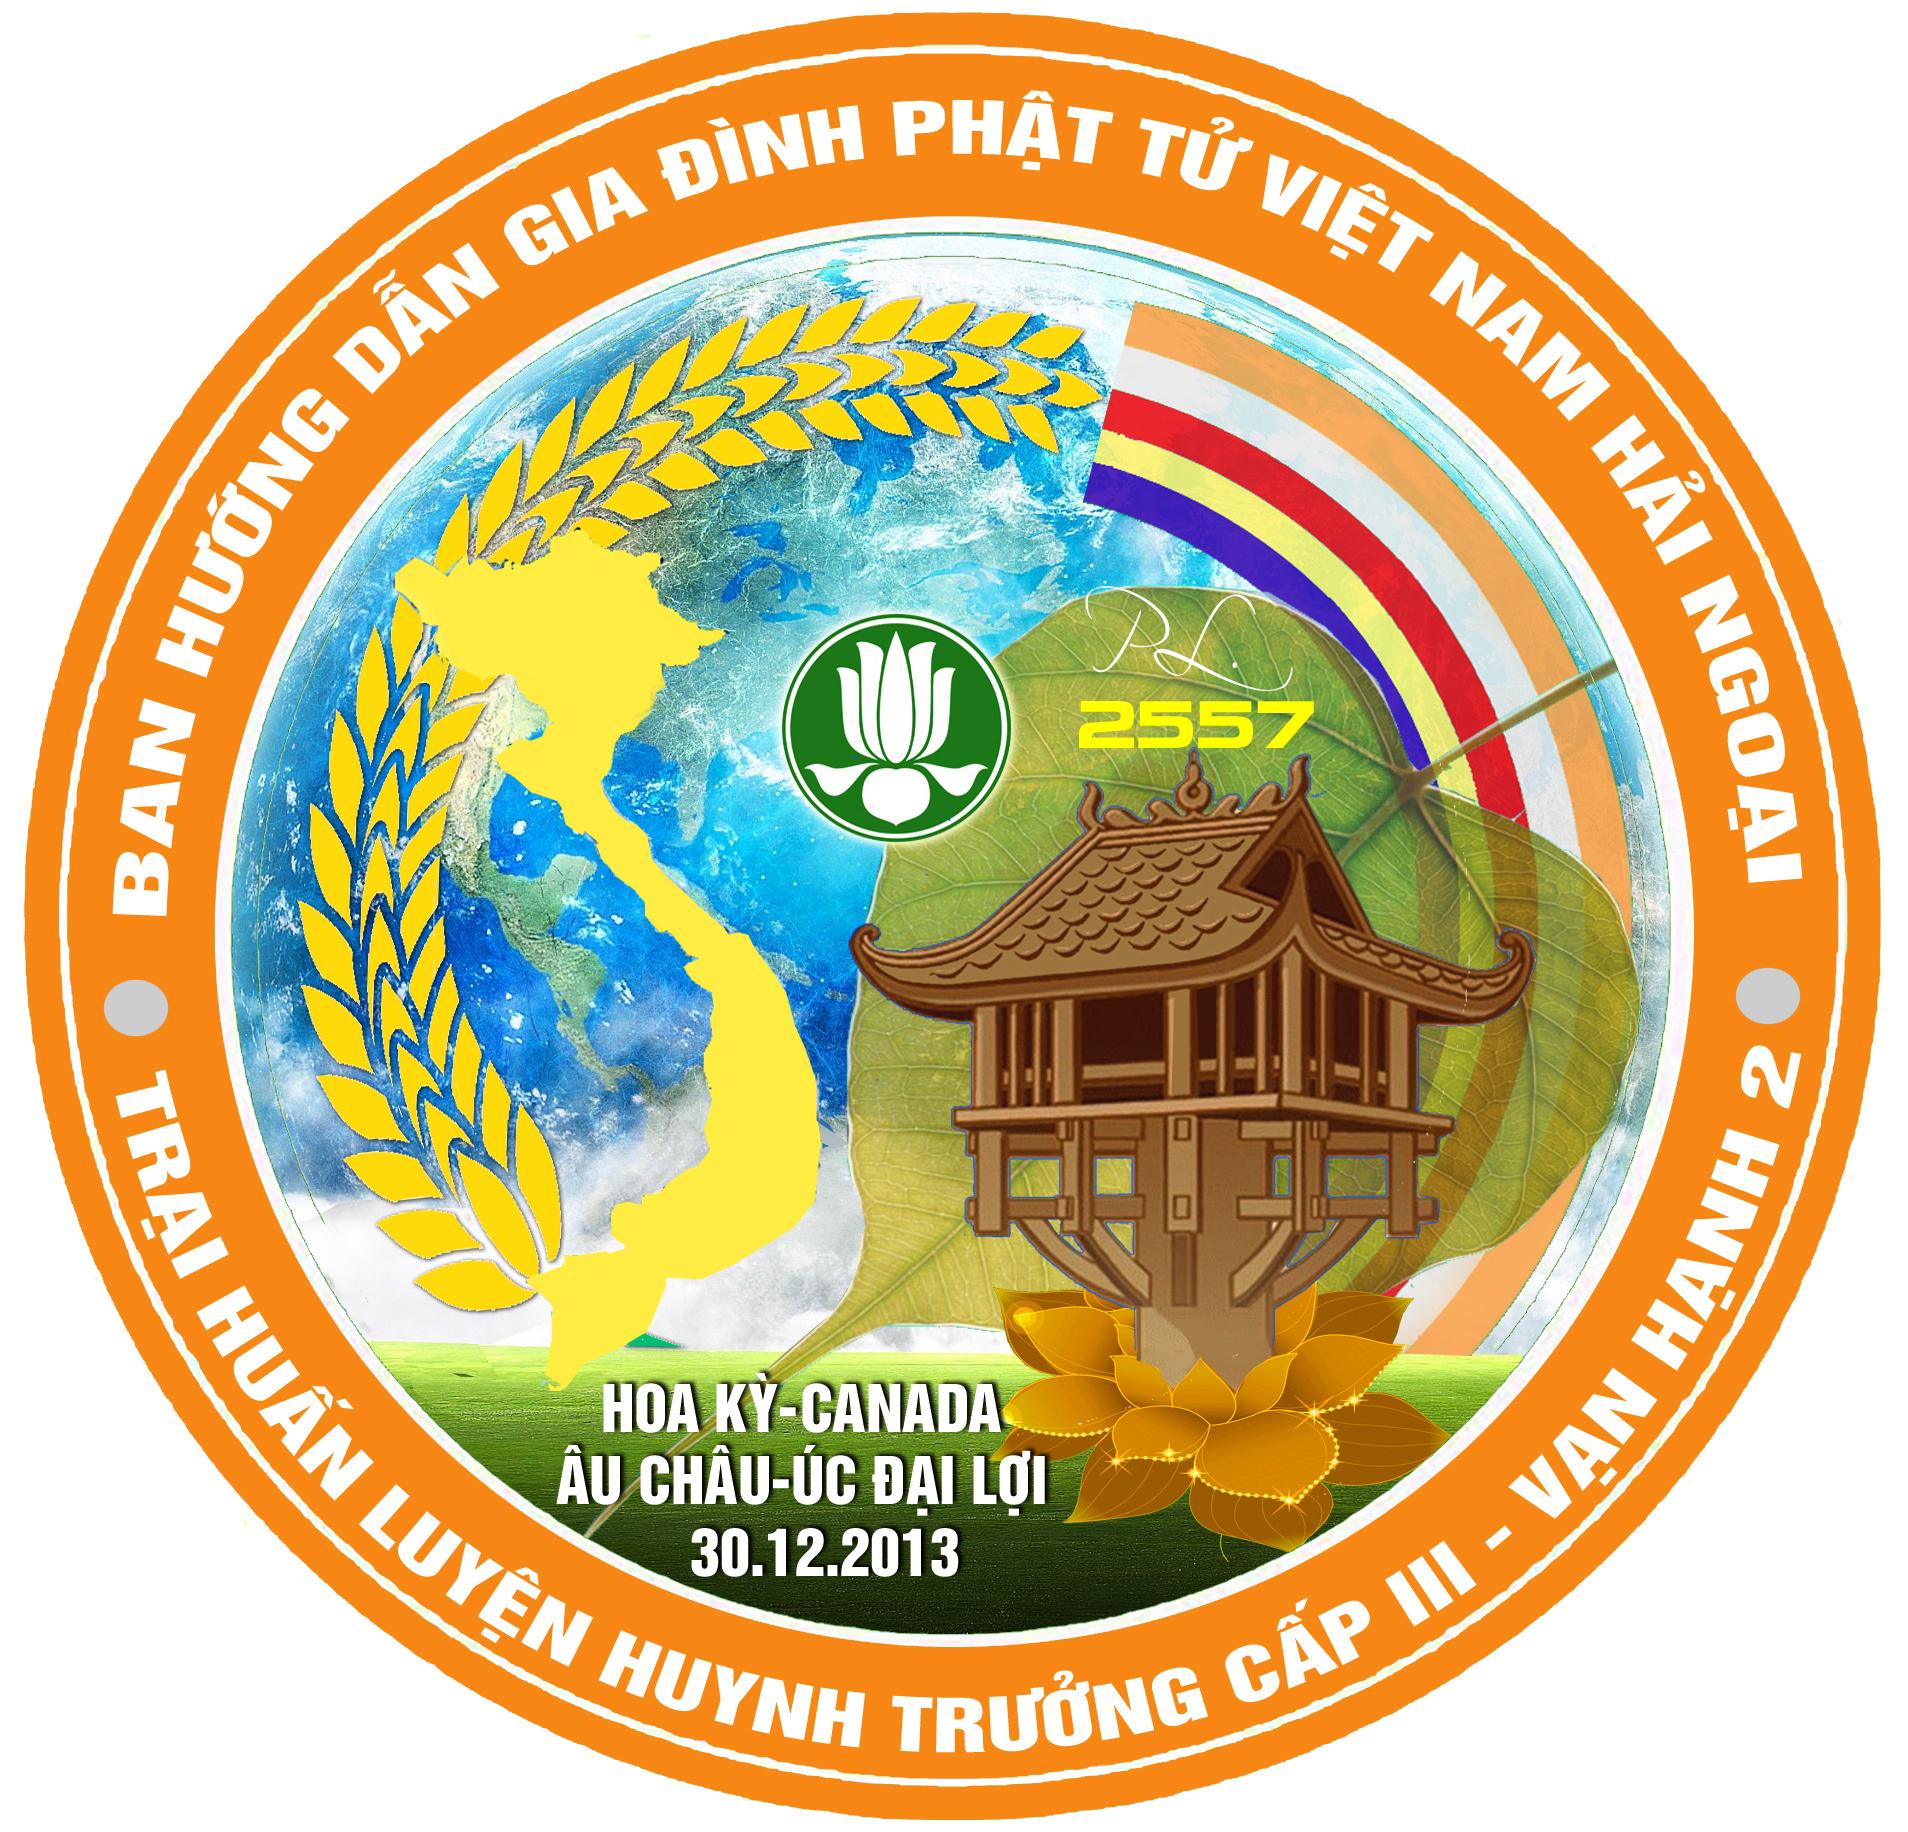 Trại huấn luyện Huynh Trưởng Vạn Hạnh II GĐPTVN Tại Hải Ngoại